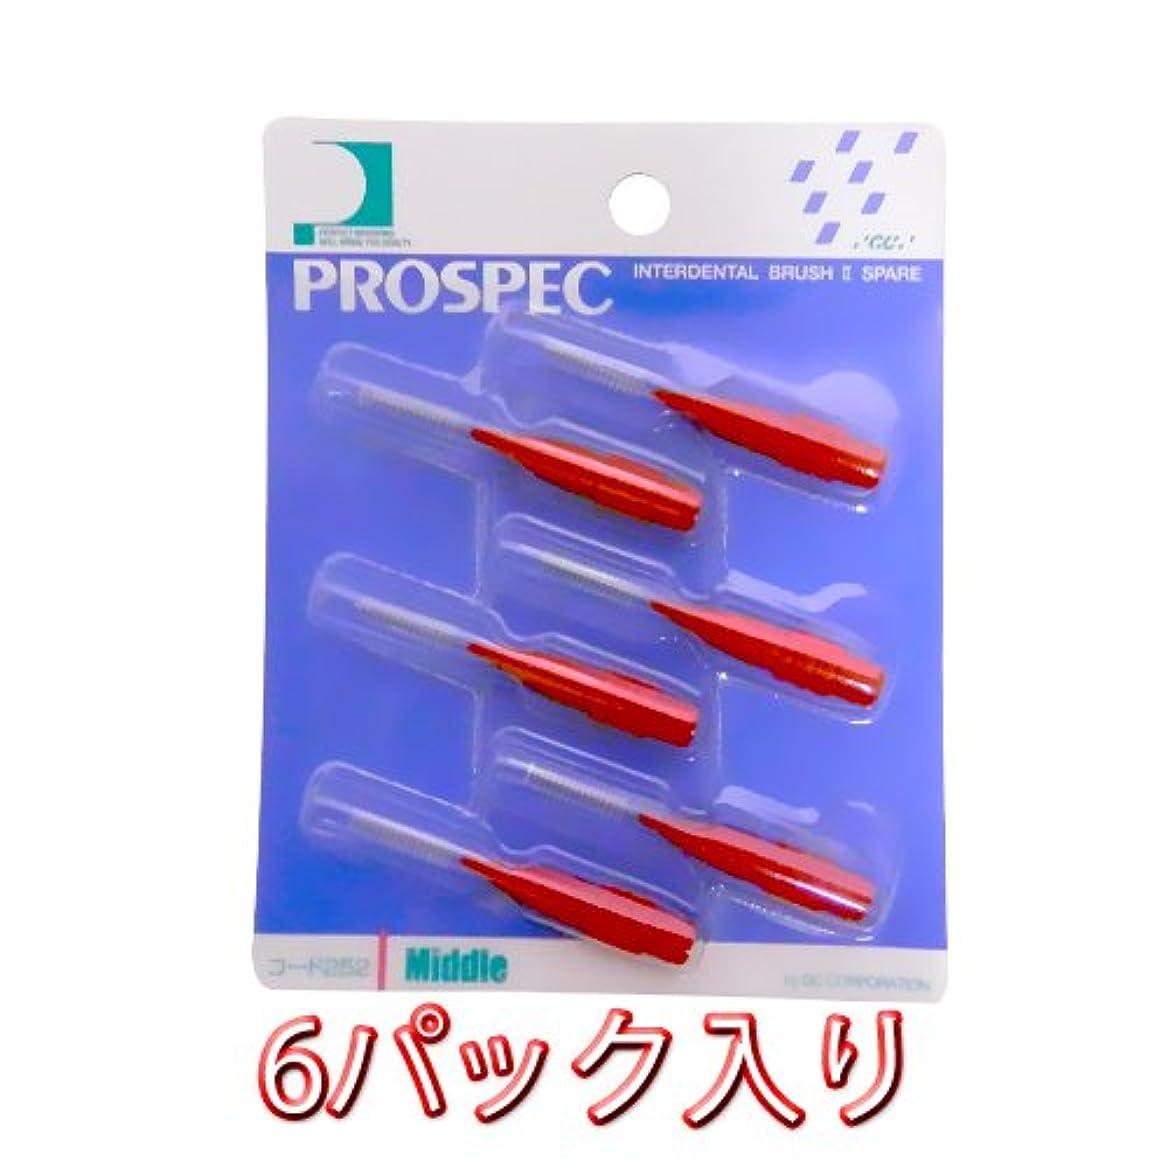 ウェブ推測する曖昧なプロスペック 歯間ブラシ2 スペアー ブラシのみ6本入 × 6パック M レッド